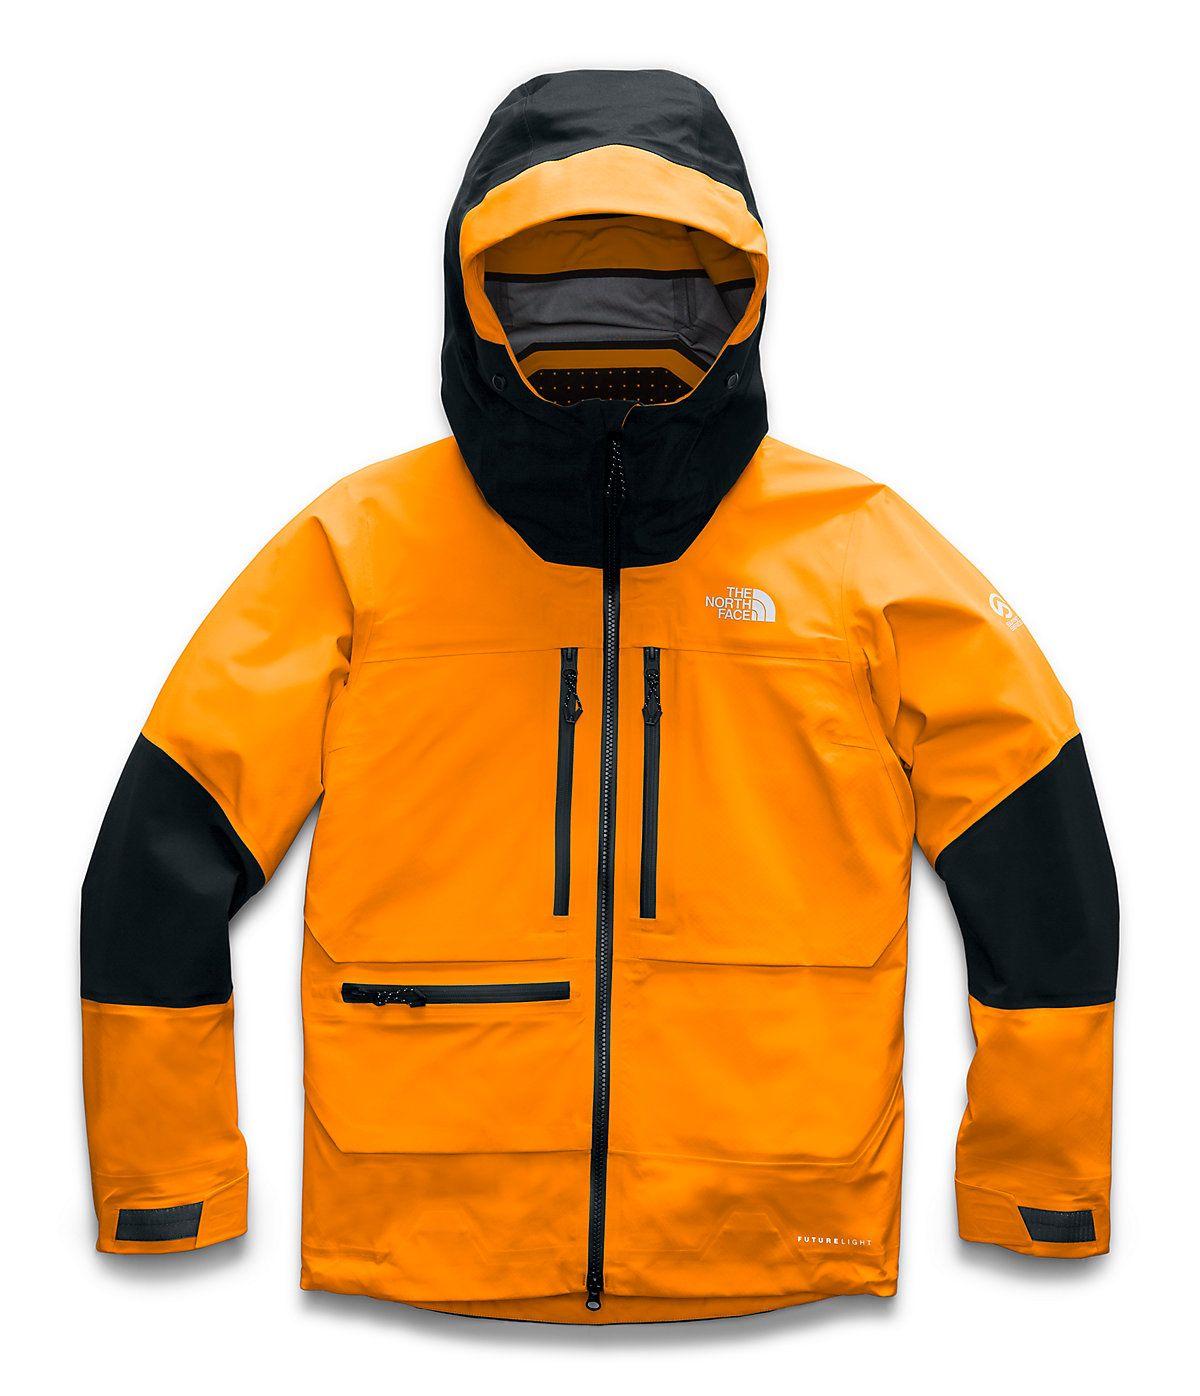 Women S Summit L5 Futurelight Jacket The North Face In 2021 North Face Mens The North Face Jackets [ 1396 x 1200 Pixel ]